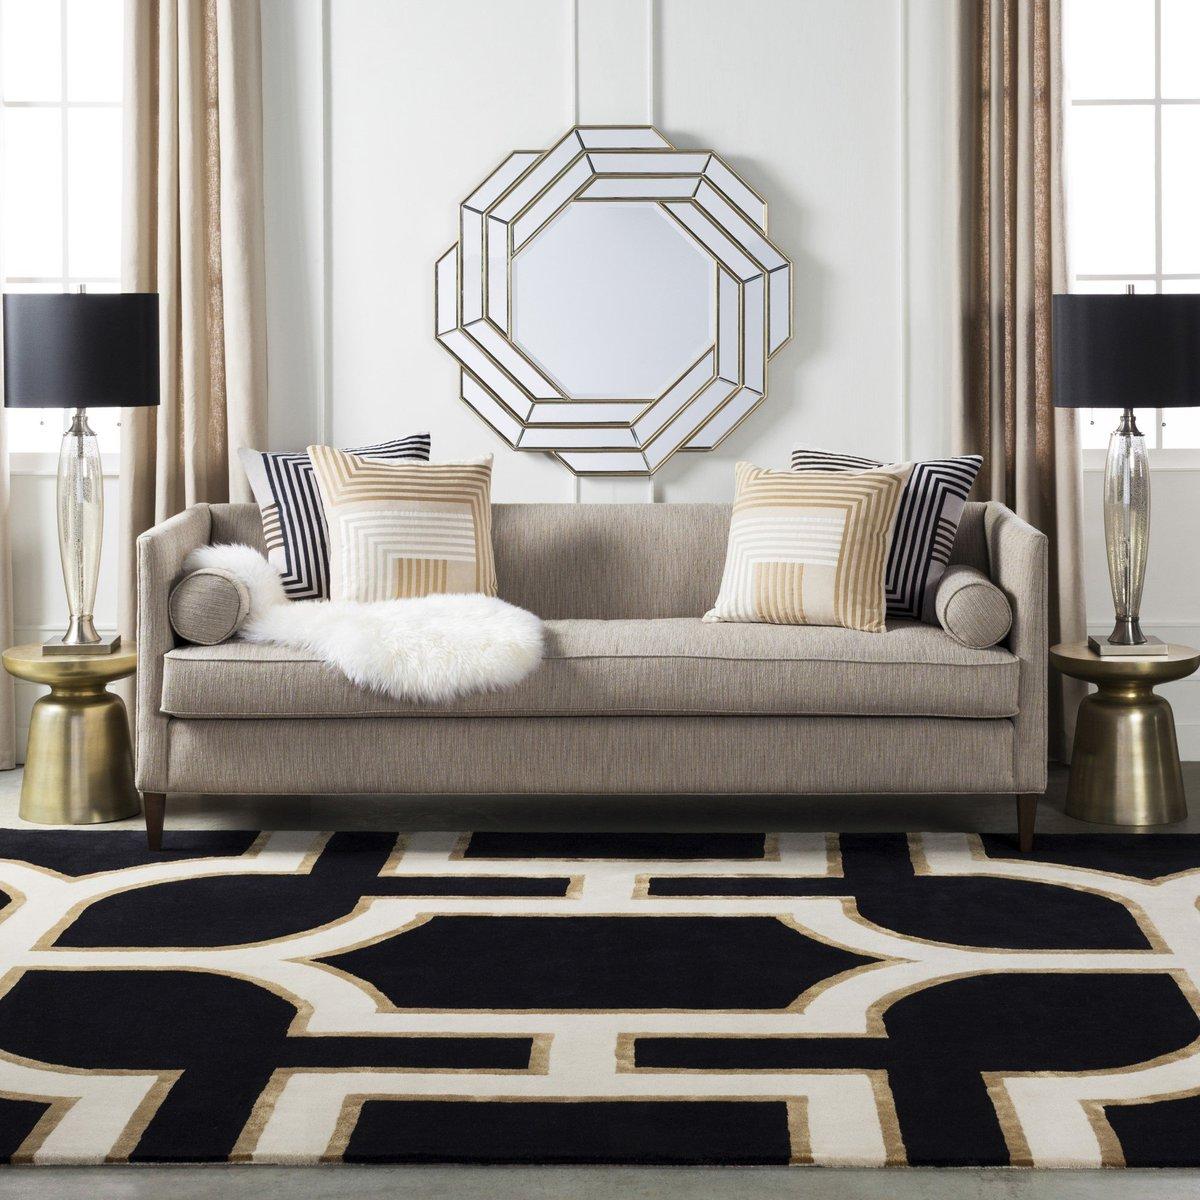 Shapes & Color - Formal Living Room Design Tips